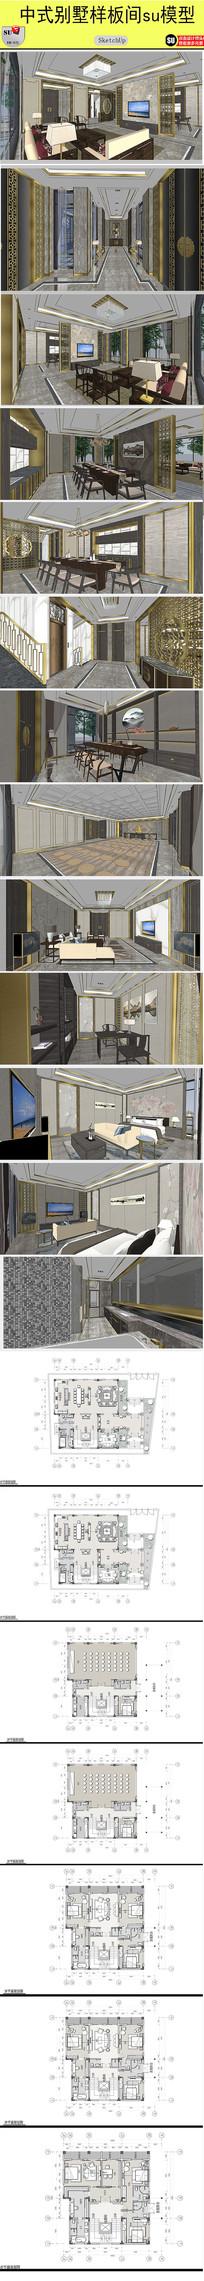 奢华中式别墅样板间精细模型